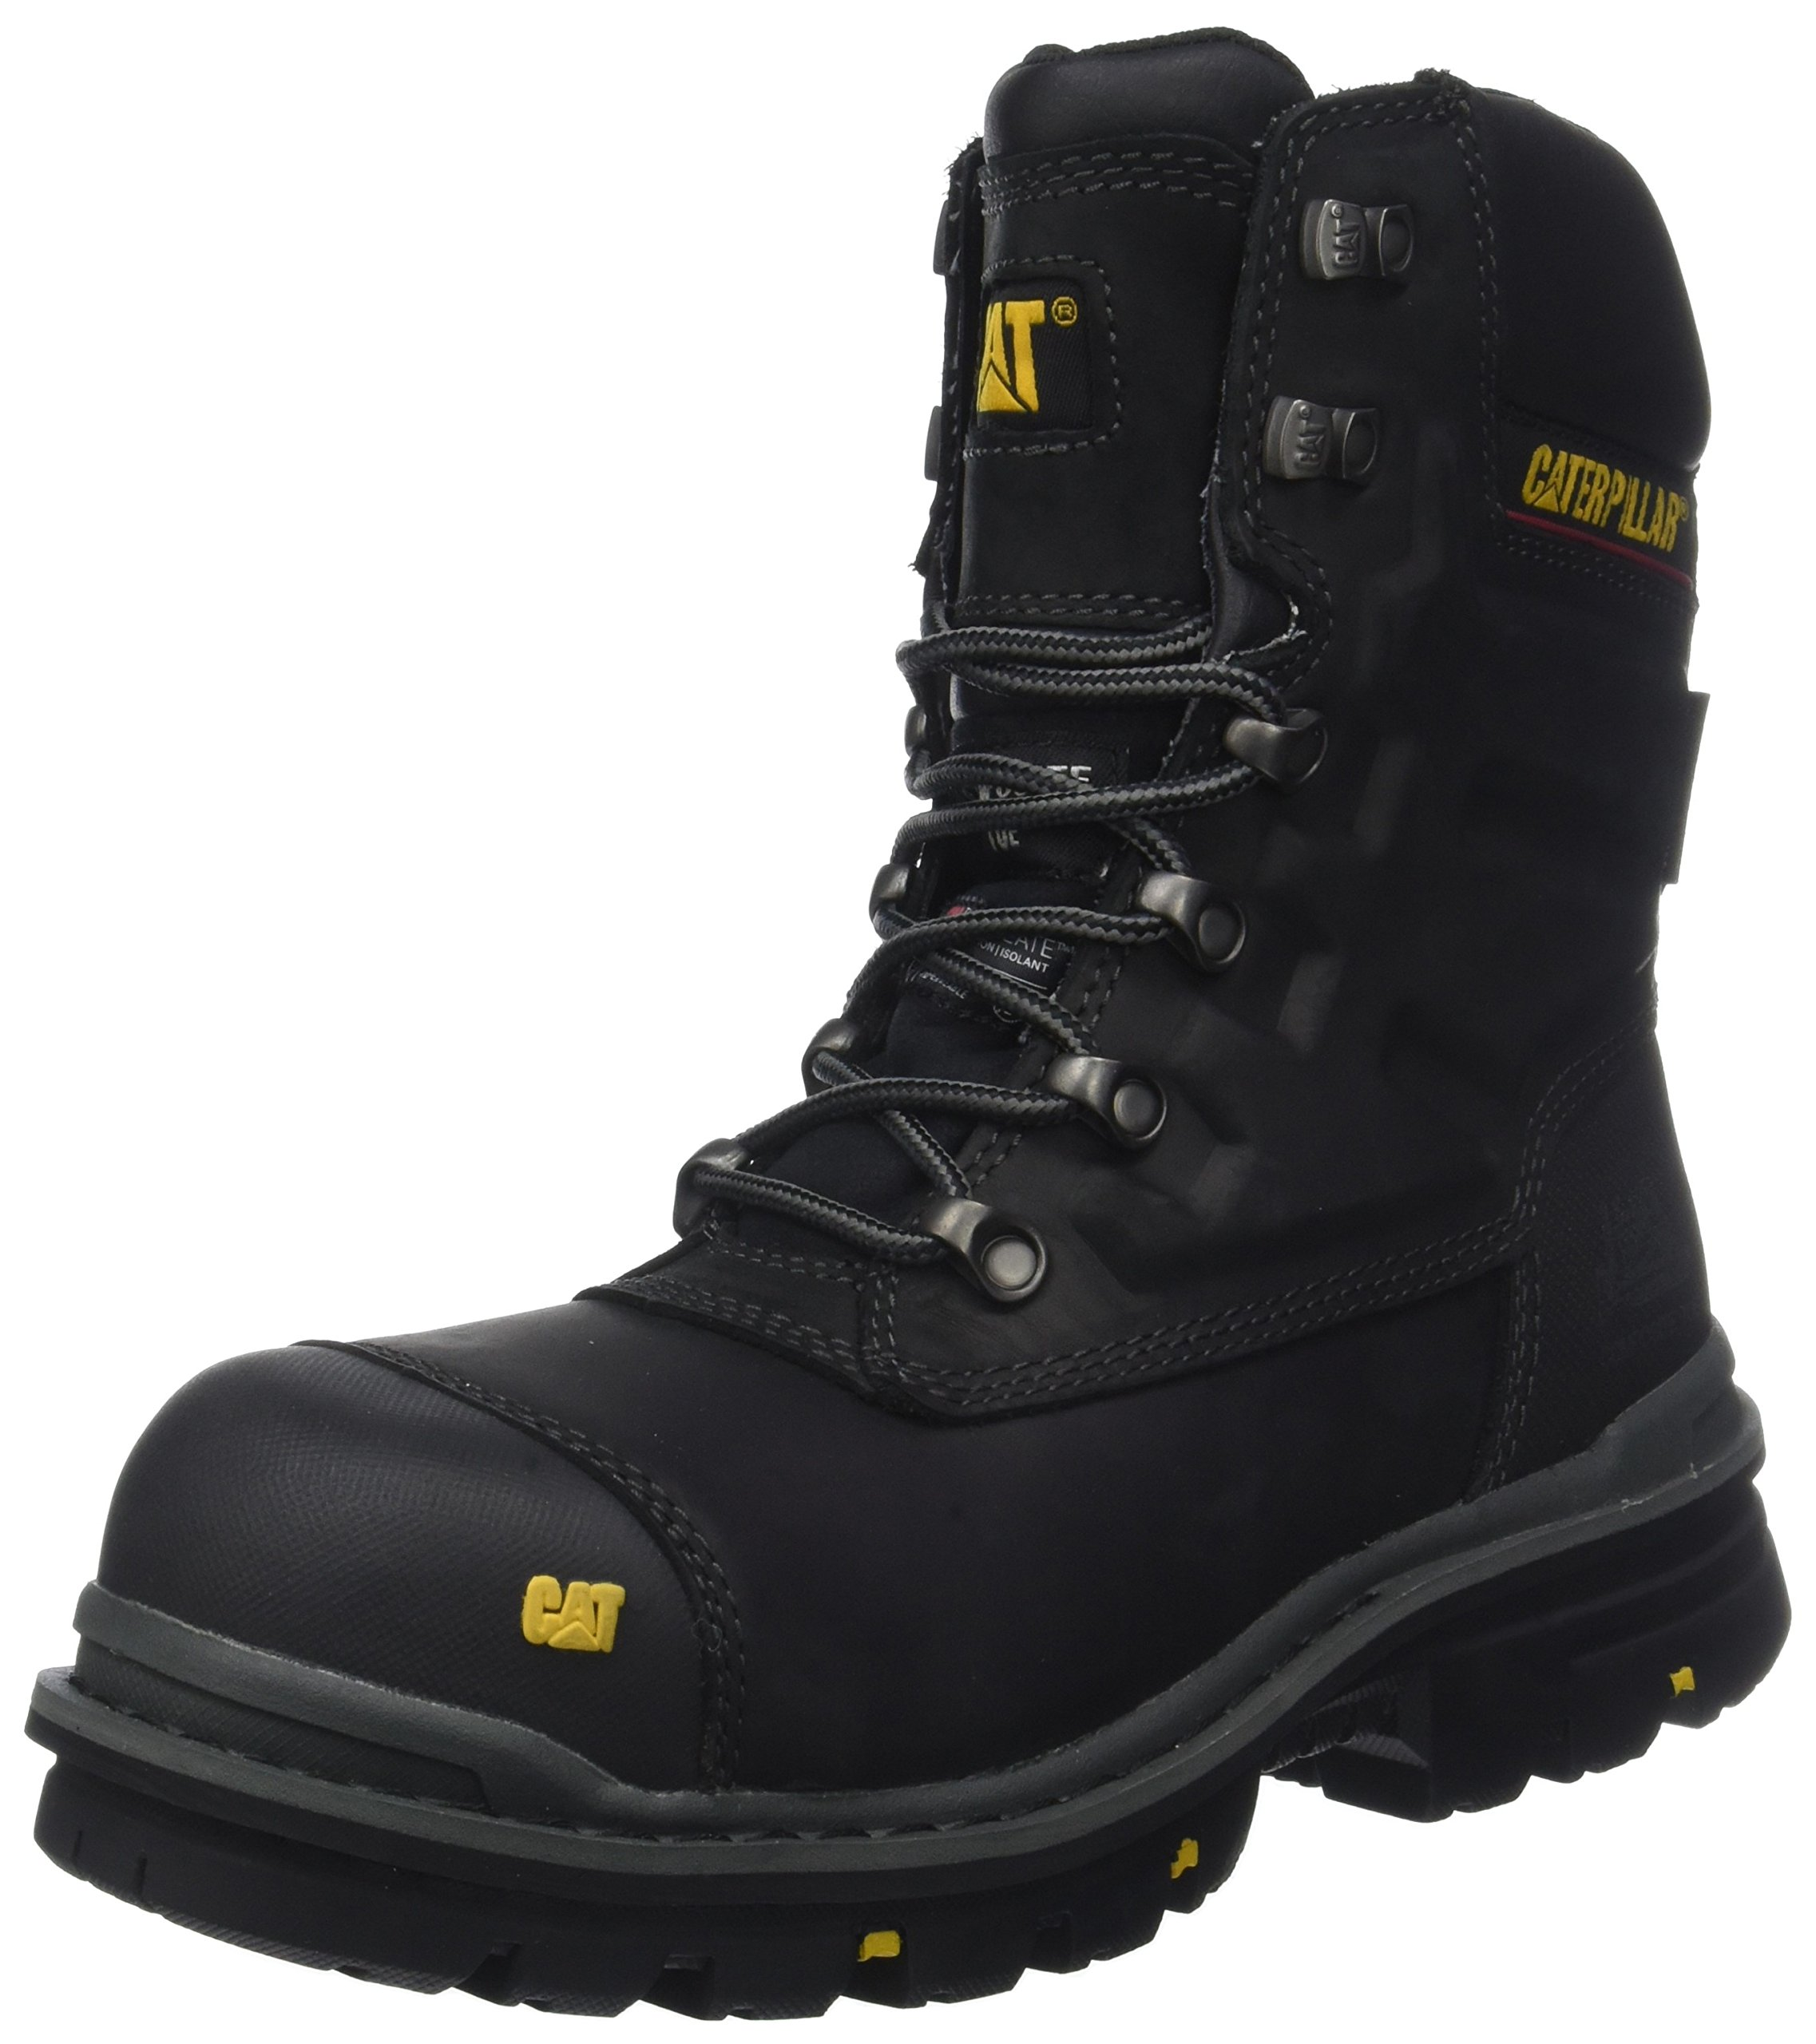 S3 Black40 Eu Wr Ct 8 SrcBottes De Hro Tx Cat Sécurité HommeNoir Mens Premier Footwear c3FJlu1TK